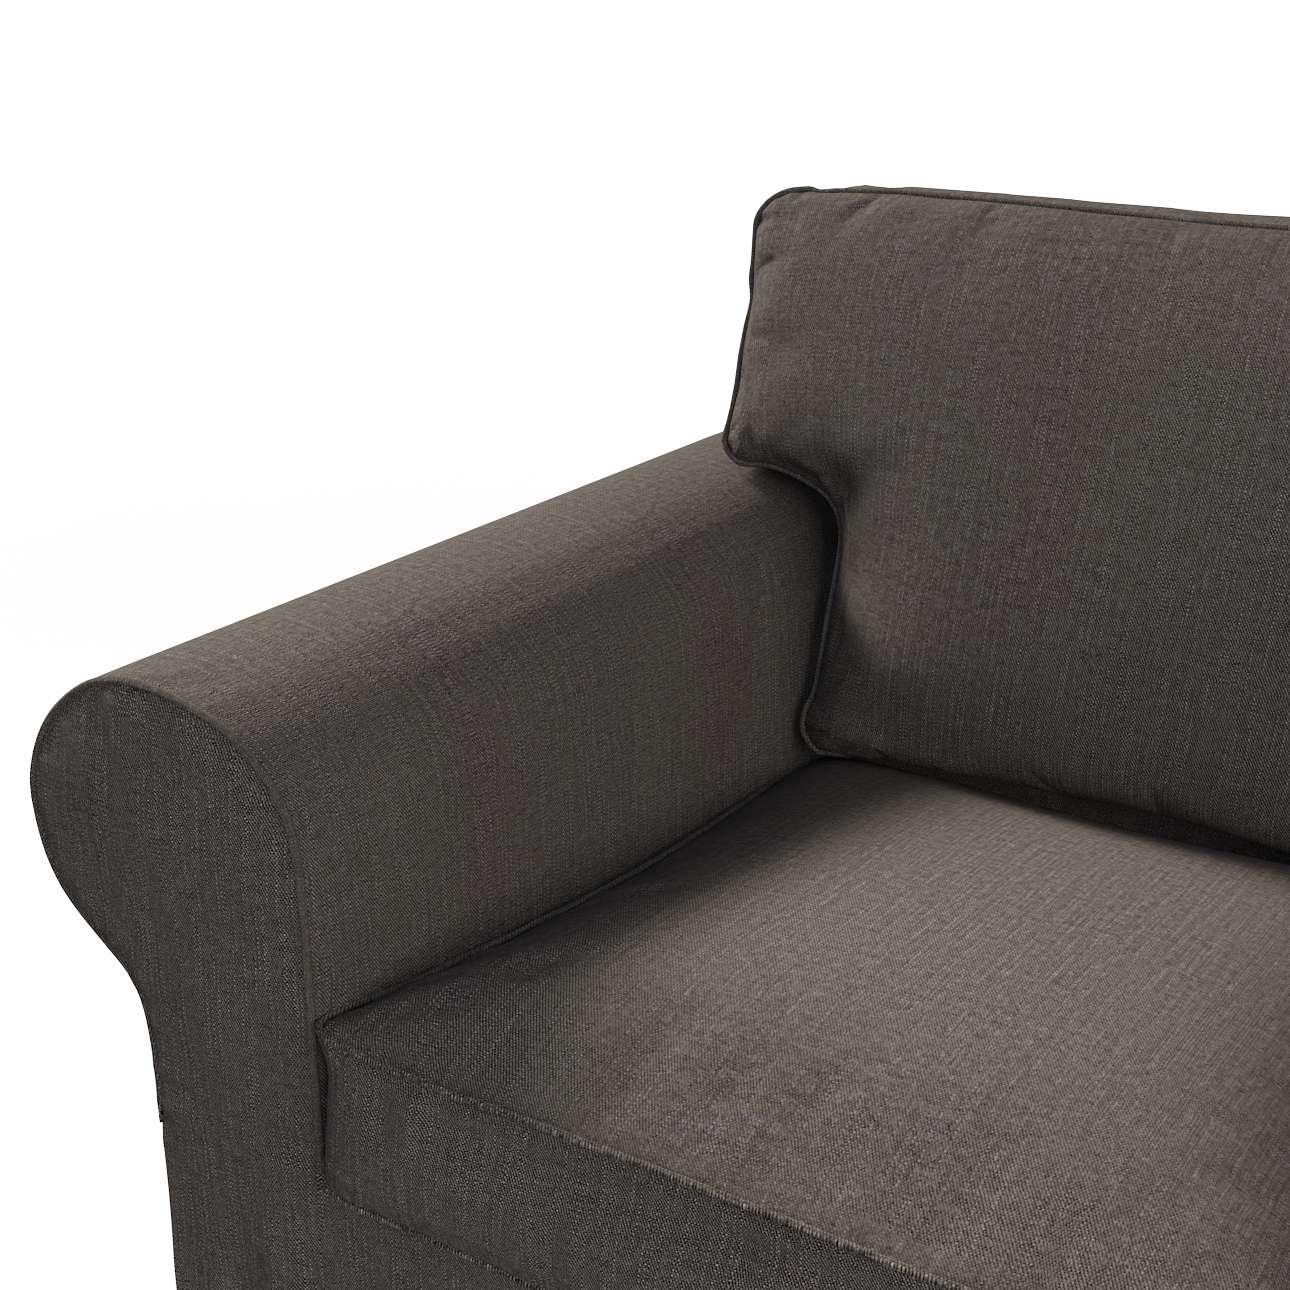 Potah na pohovku IKEA Ektorp 2-místná rozkládací  NOVÝ MODEL od 2012 Ektorp 2012 v kolekci Vintage, látka: 702-36